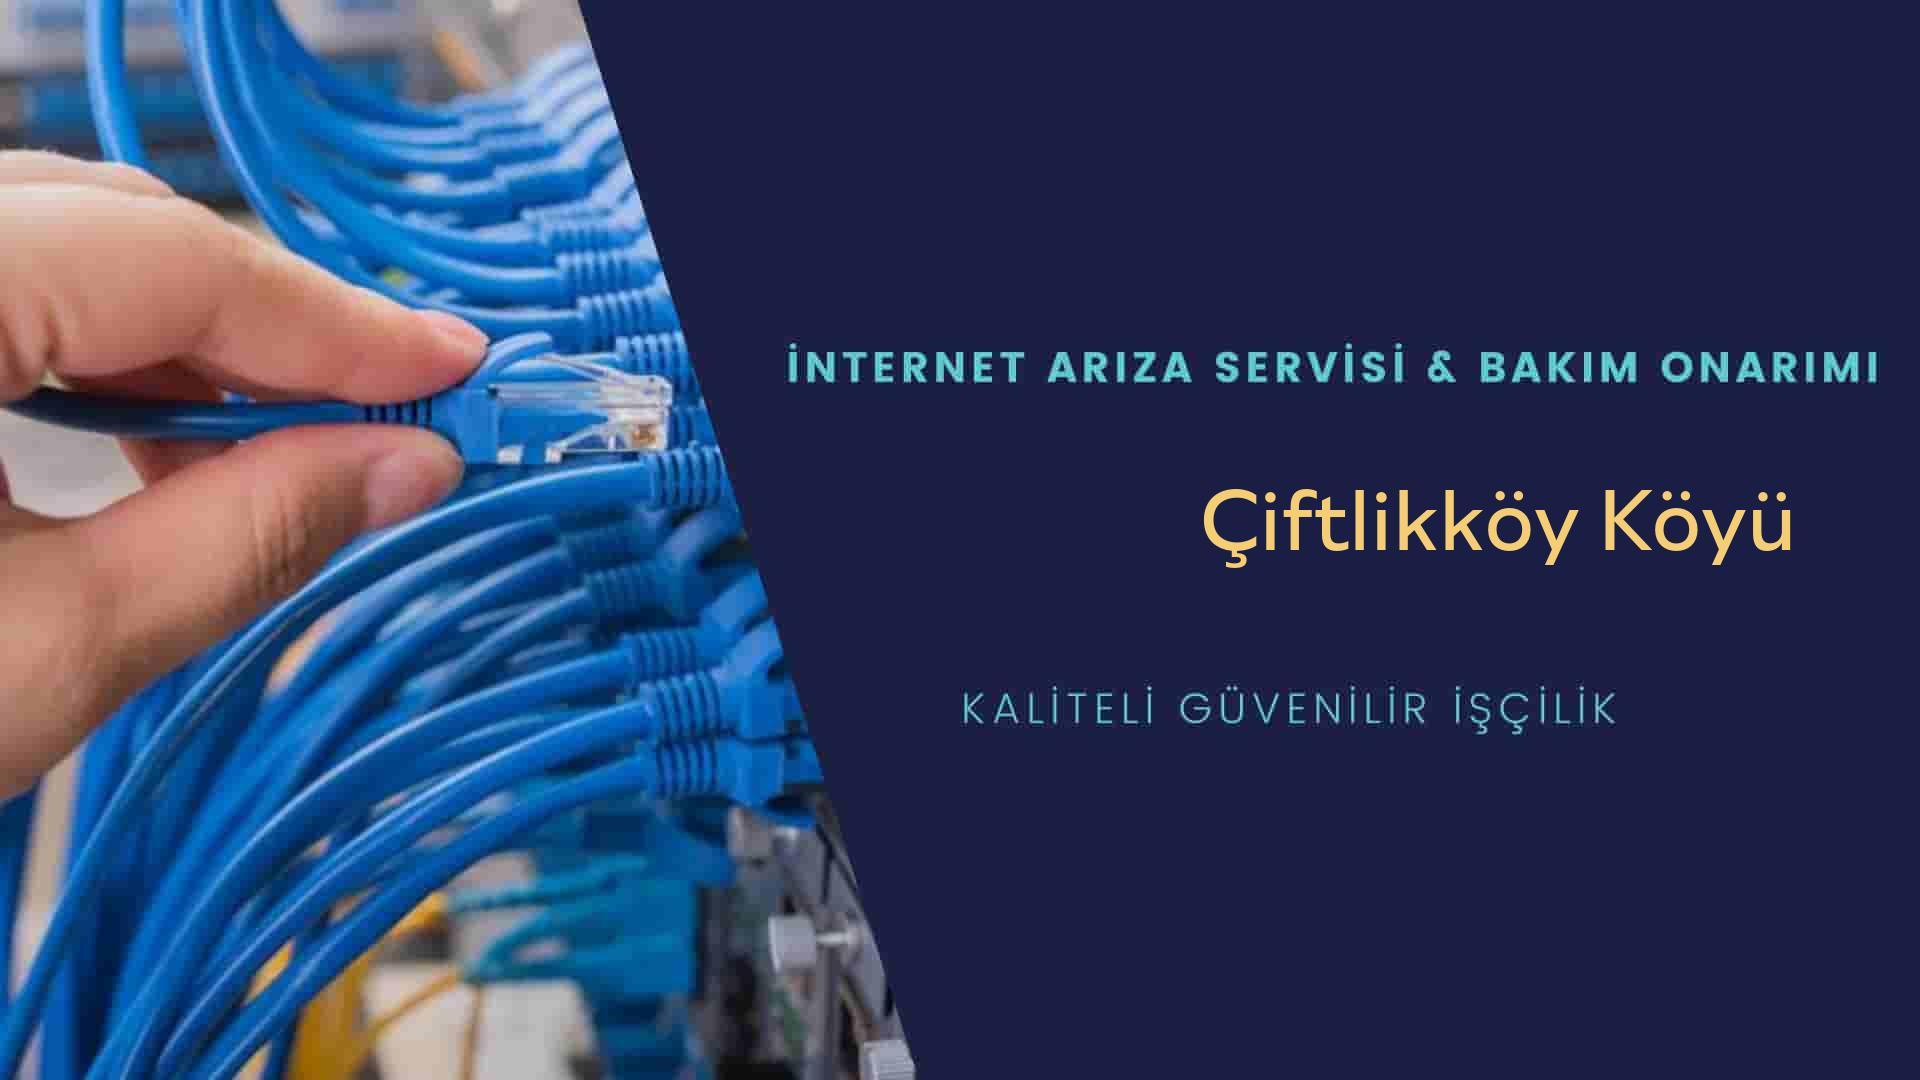 Çiftlikköy Köyü internet kablosu çekimi yapan yerler veya elektrikçiler mi? arıyorsunuz doğru yerdesiniz o zaman sizlere 7/24 yardımcı olacak profesyonel ustalarımız bir telefon kadar yakındır size.